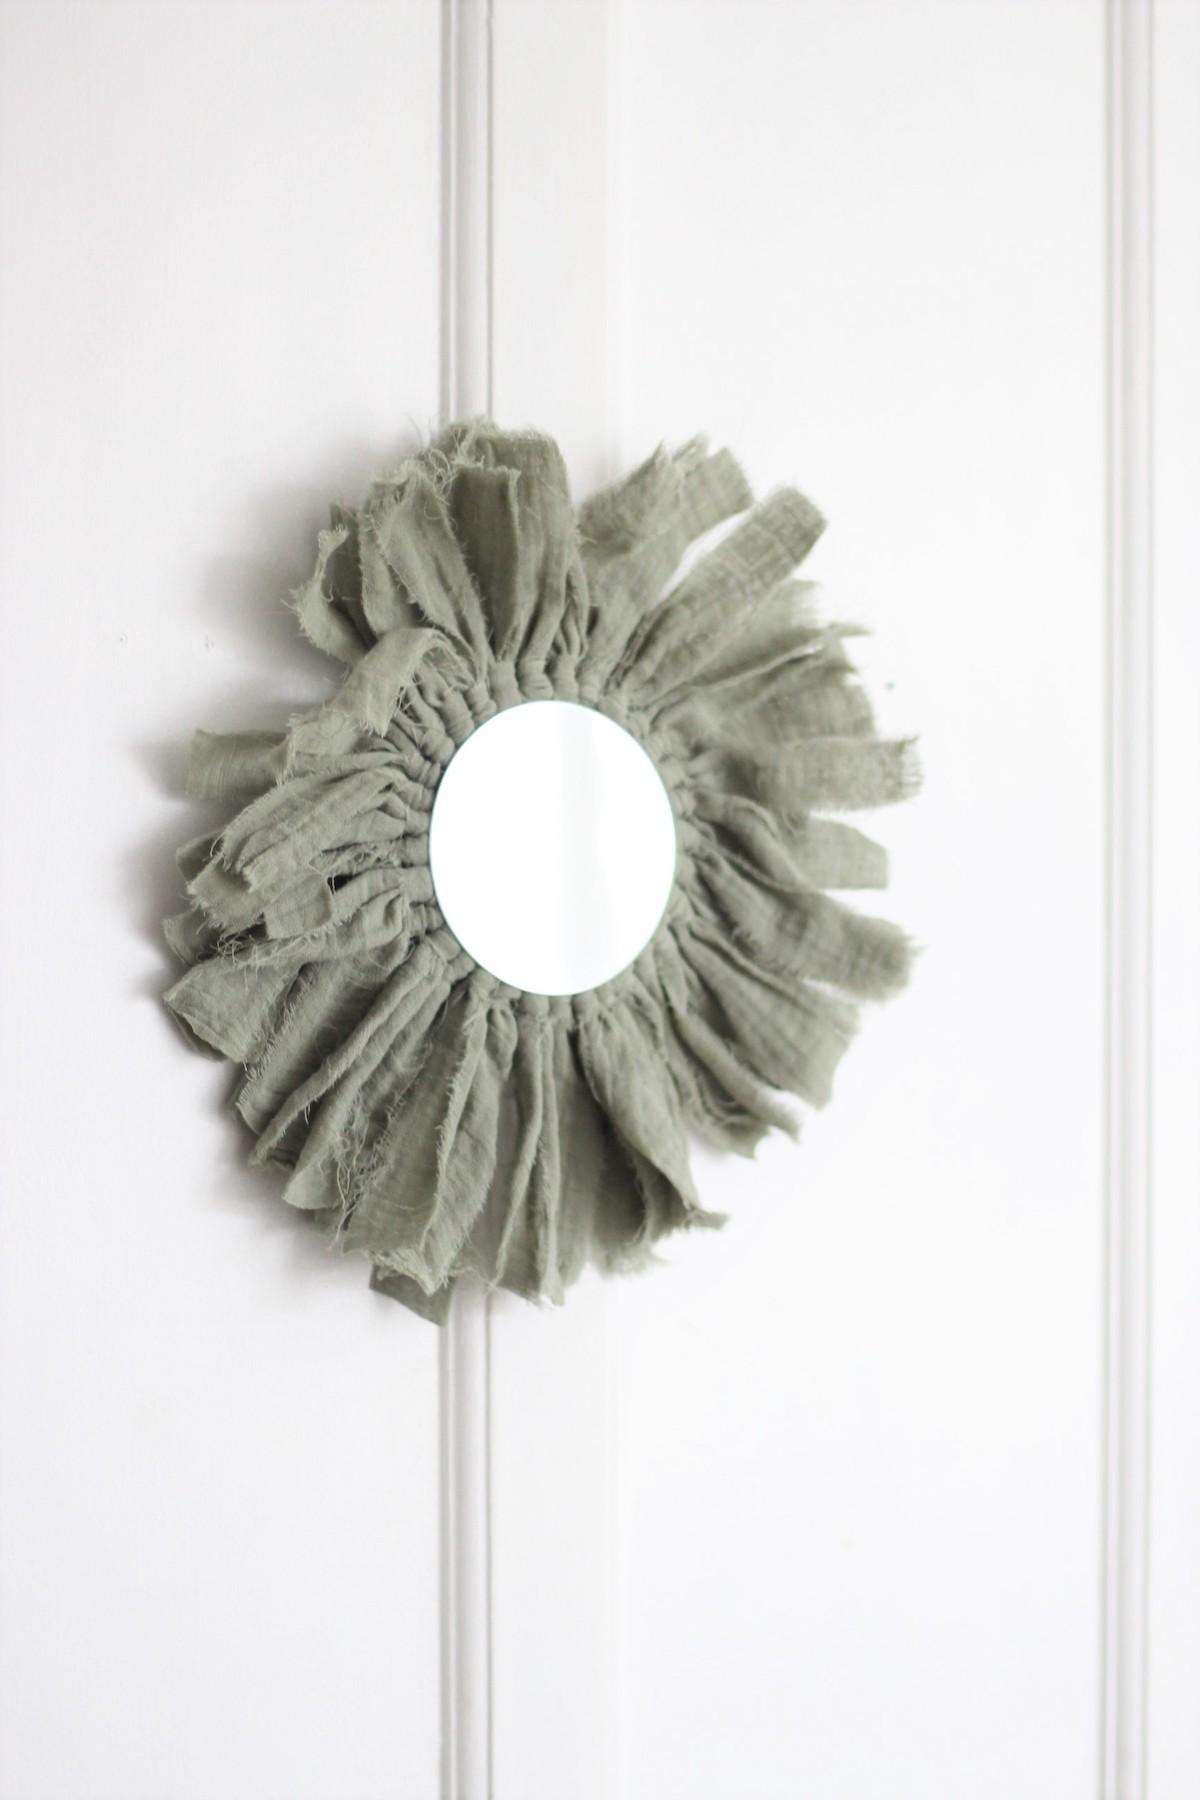 fabriquer miroir rond en tissu gaze de coton